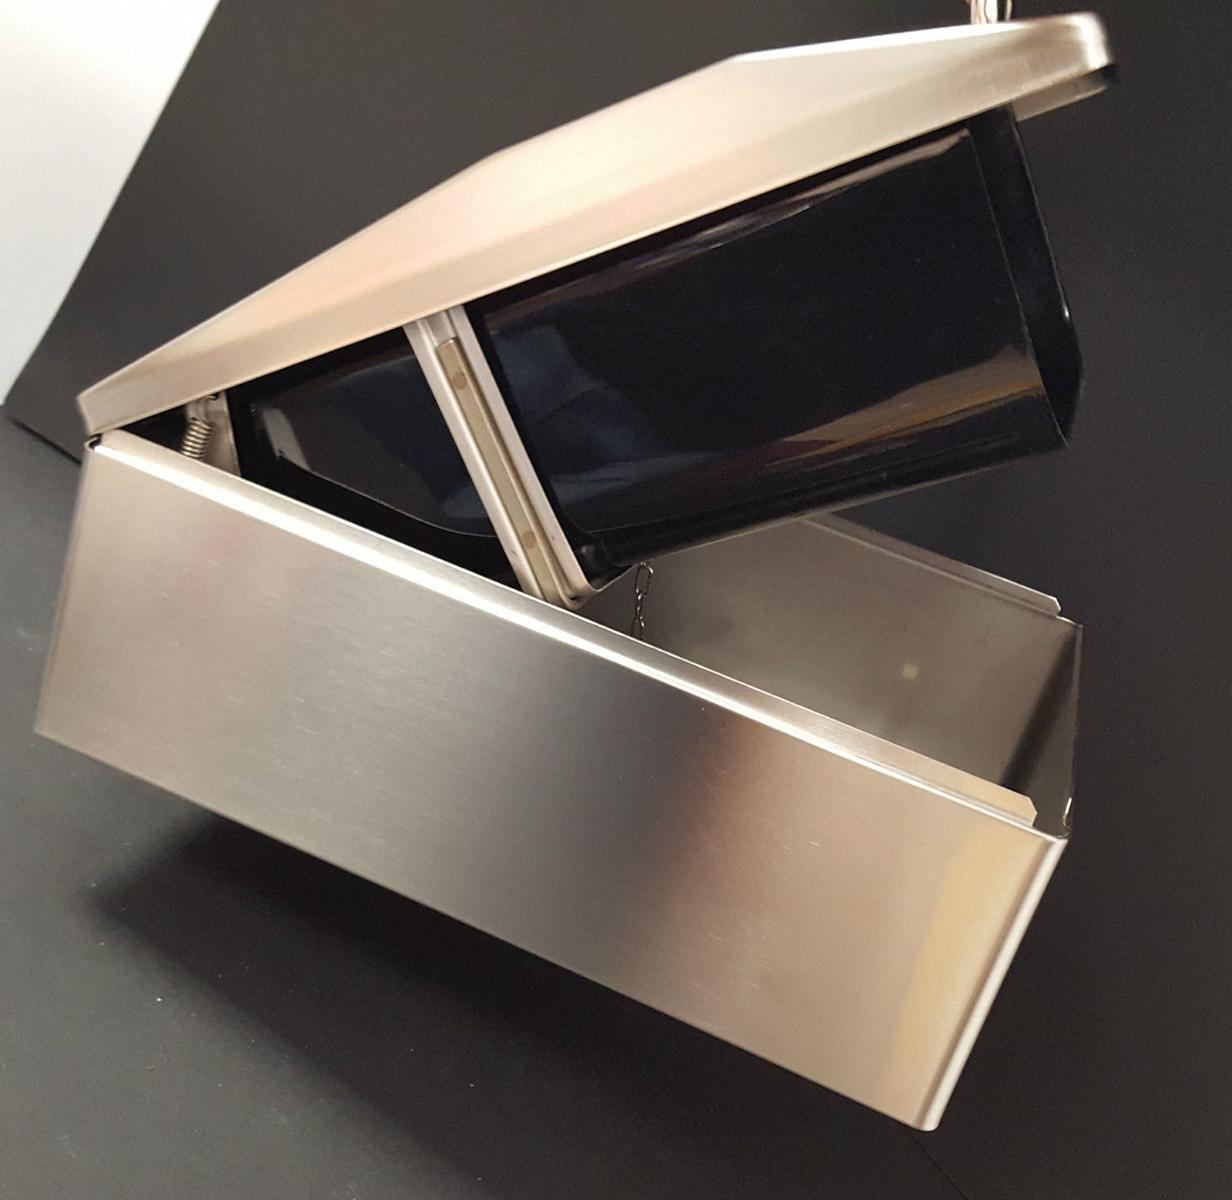 sanitaer franke abfallbeh lter f r kleinabf lle bs 611 v edelstahl 200x128x295mm. Black Bedroom Furniture Sets. Home Design Ideas